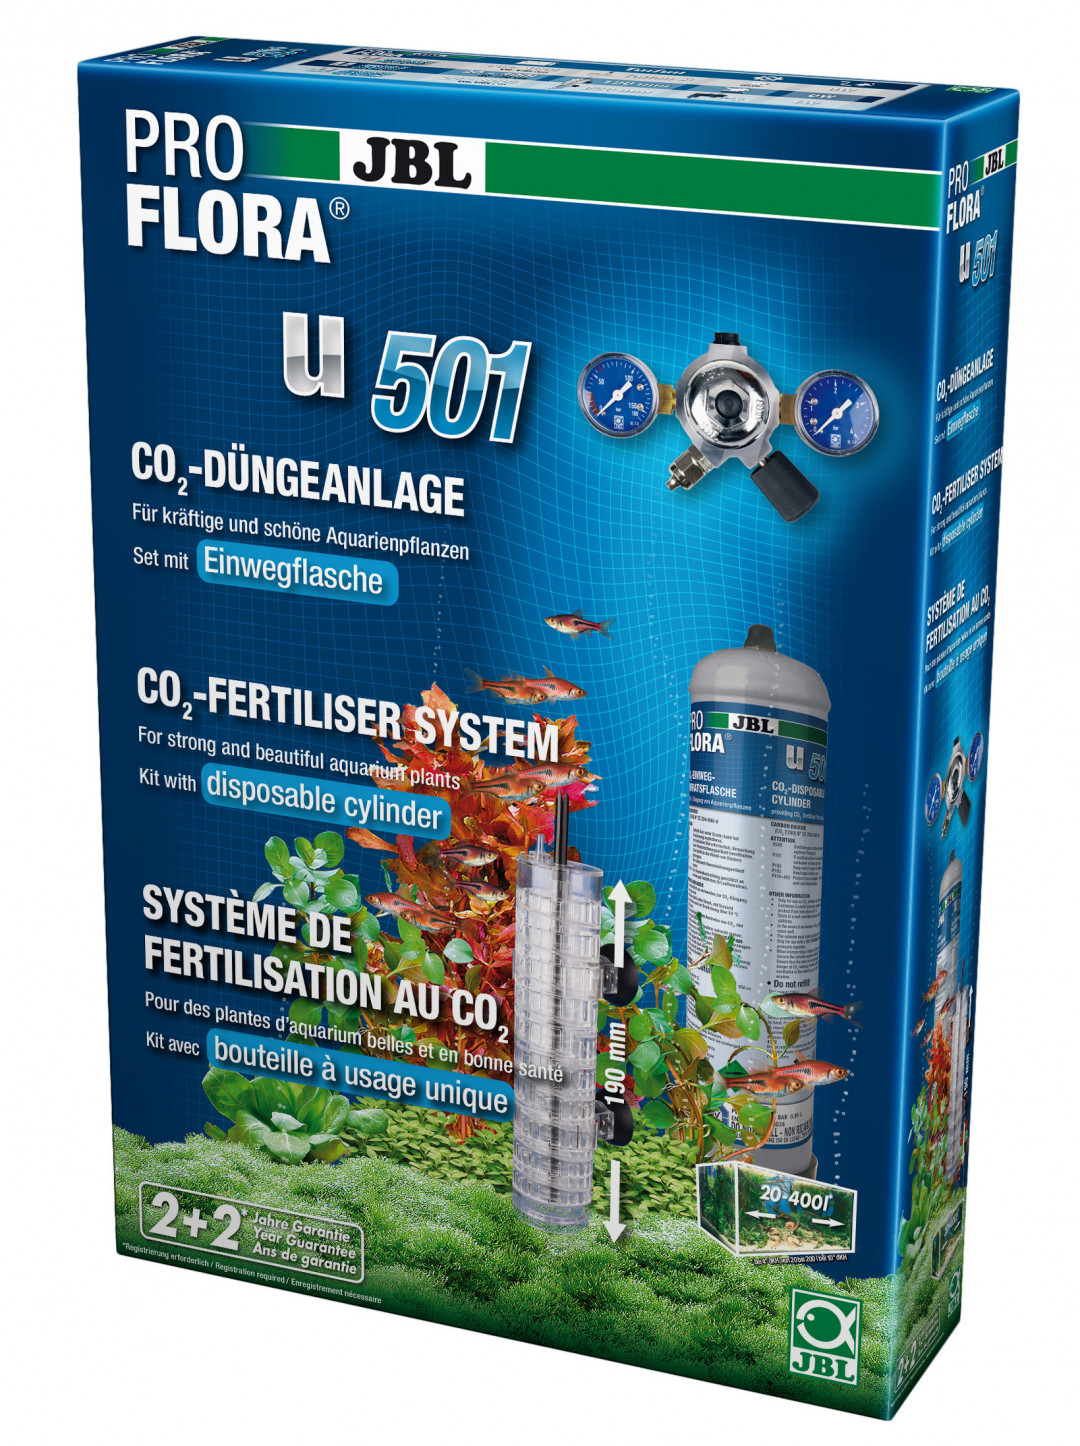 JBL CO2-set ProFlora u501 +